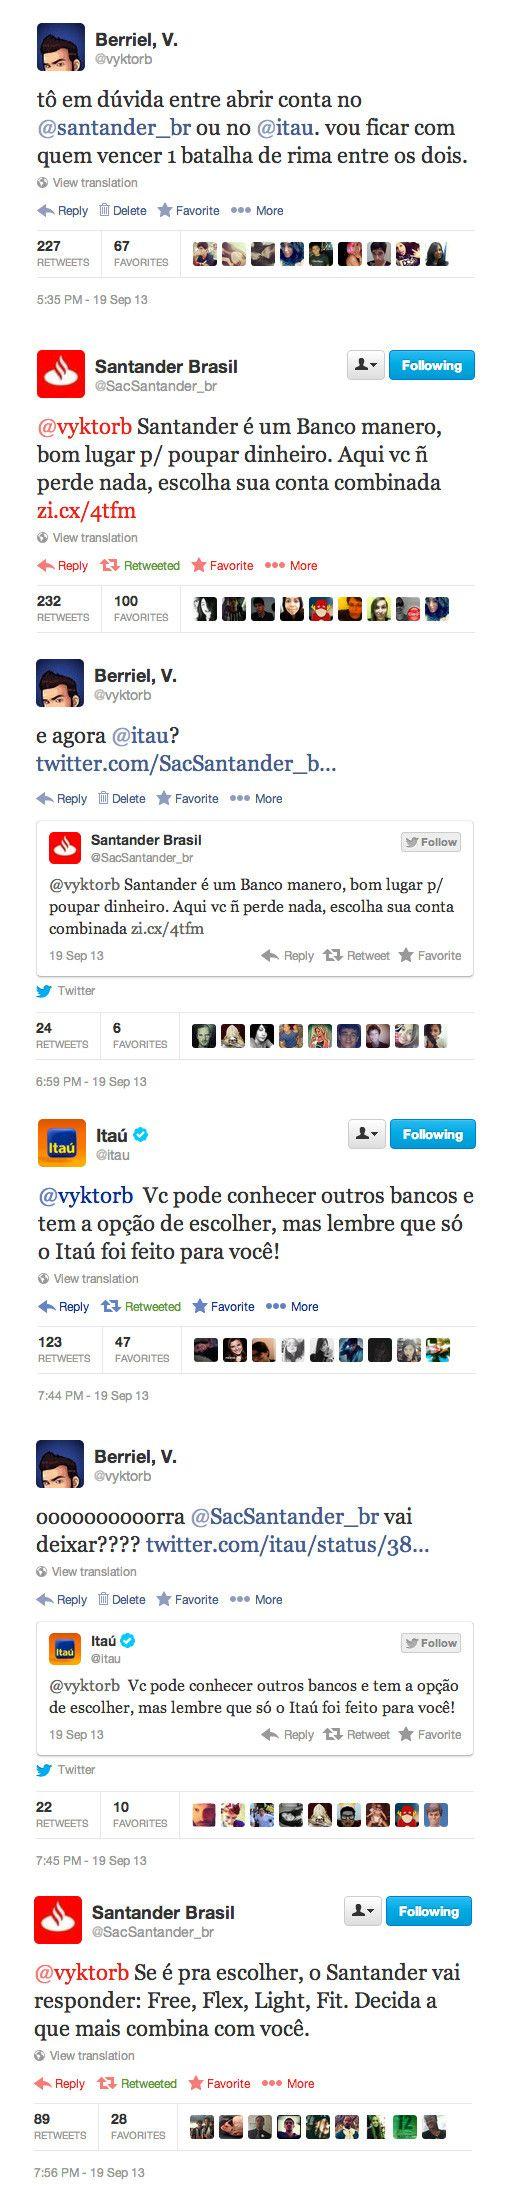 Banco Itaú e Santander entram na discuta musical para conquistar cliente no Twitter.